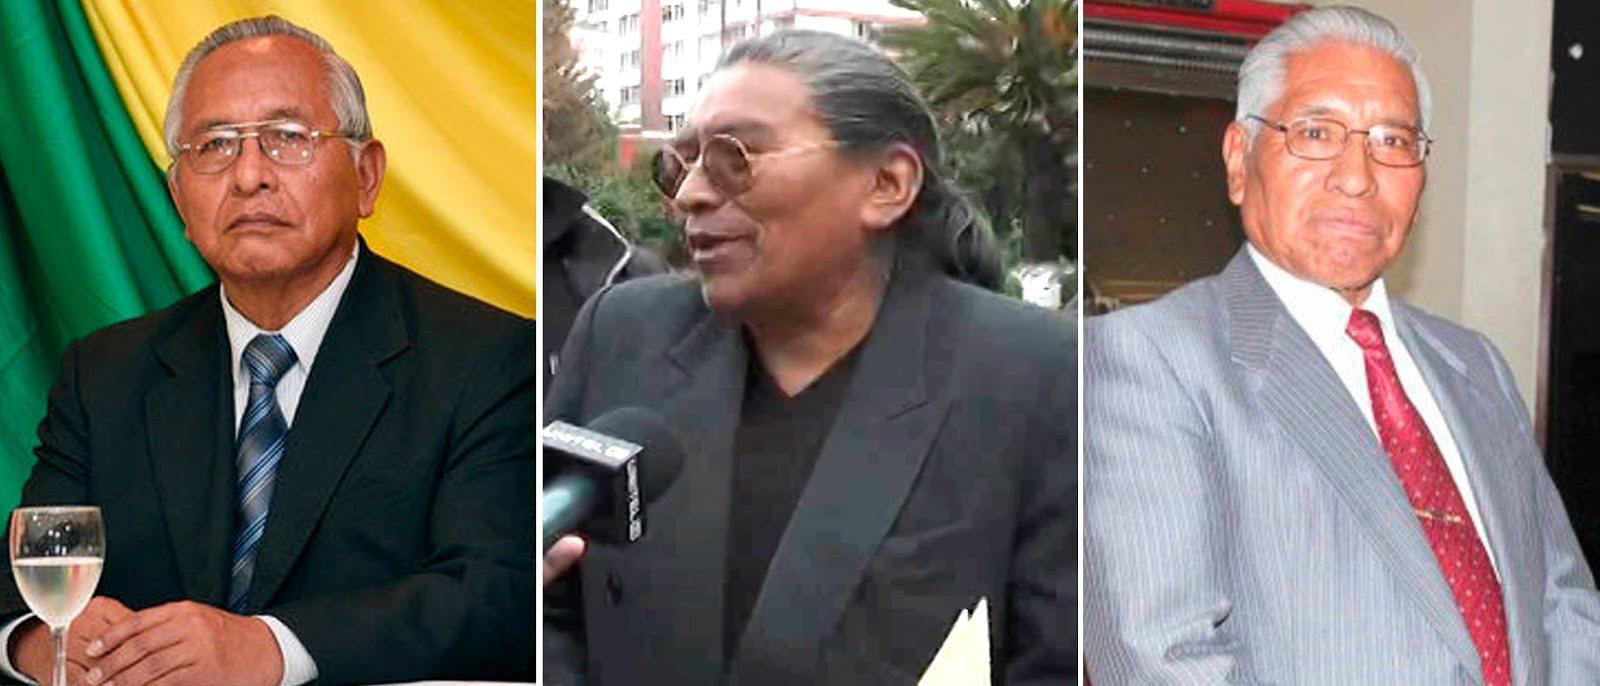 Cárdenas, Untoja y Tapia representan al katarismo en sus distintas alas desde los años 70s / WEB MONTAJE